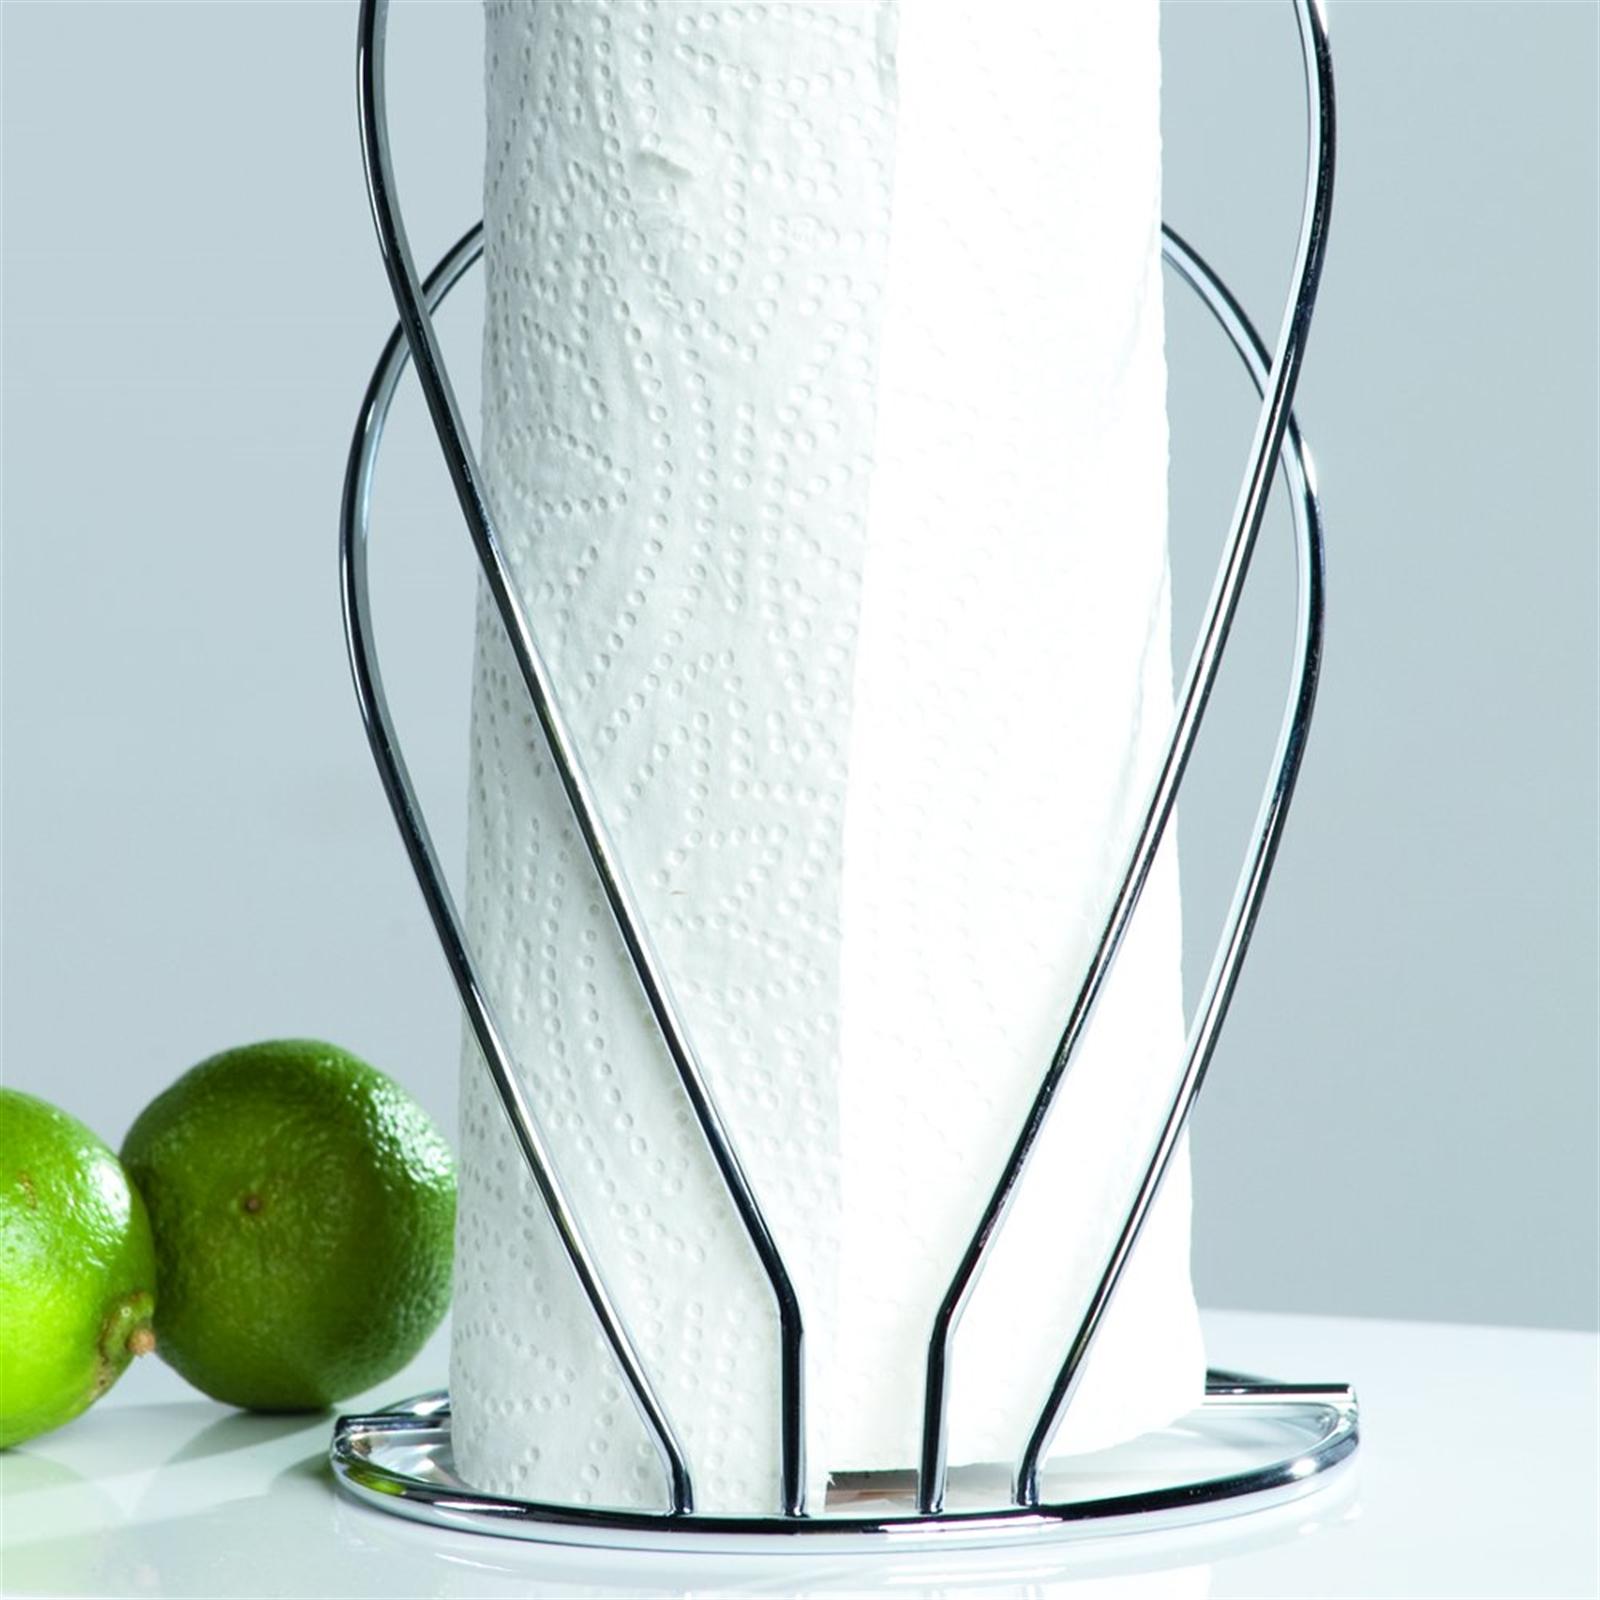 Küchenrollenhalter Design ~ design kÜchenrollenhalter eternity metall silber für küchenrollen aller art u2022 eur 9,95 picclick at